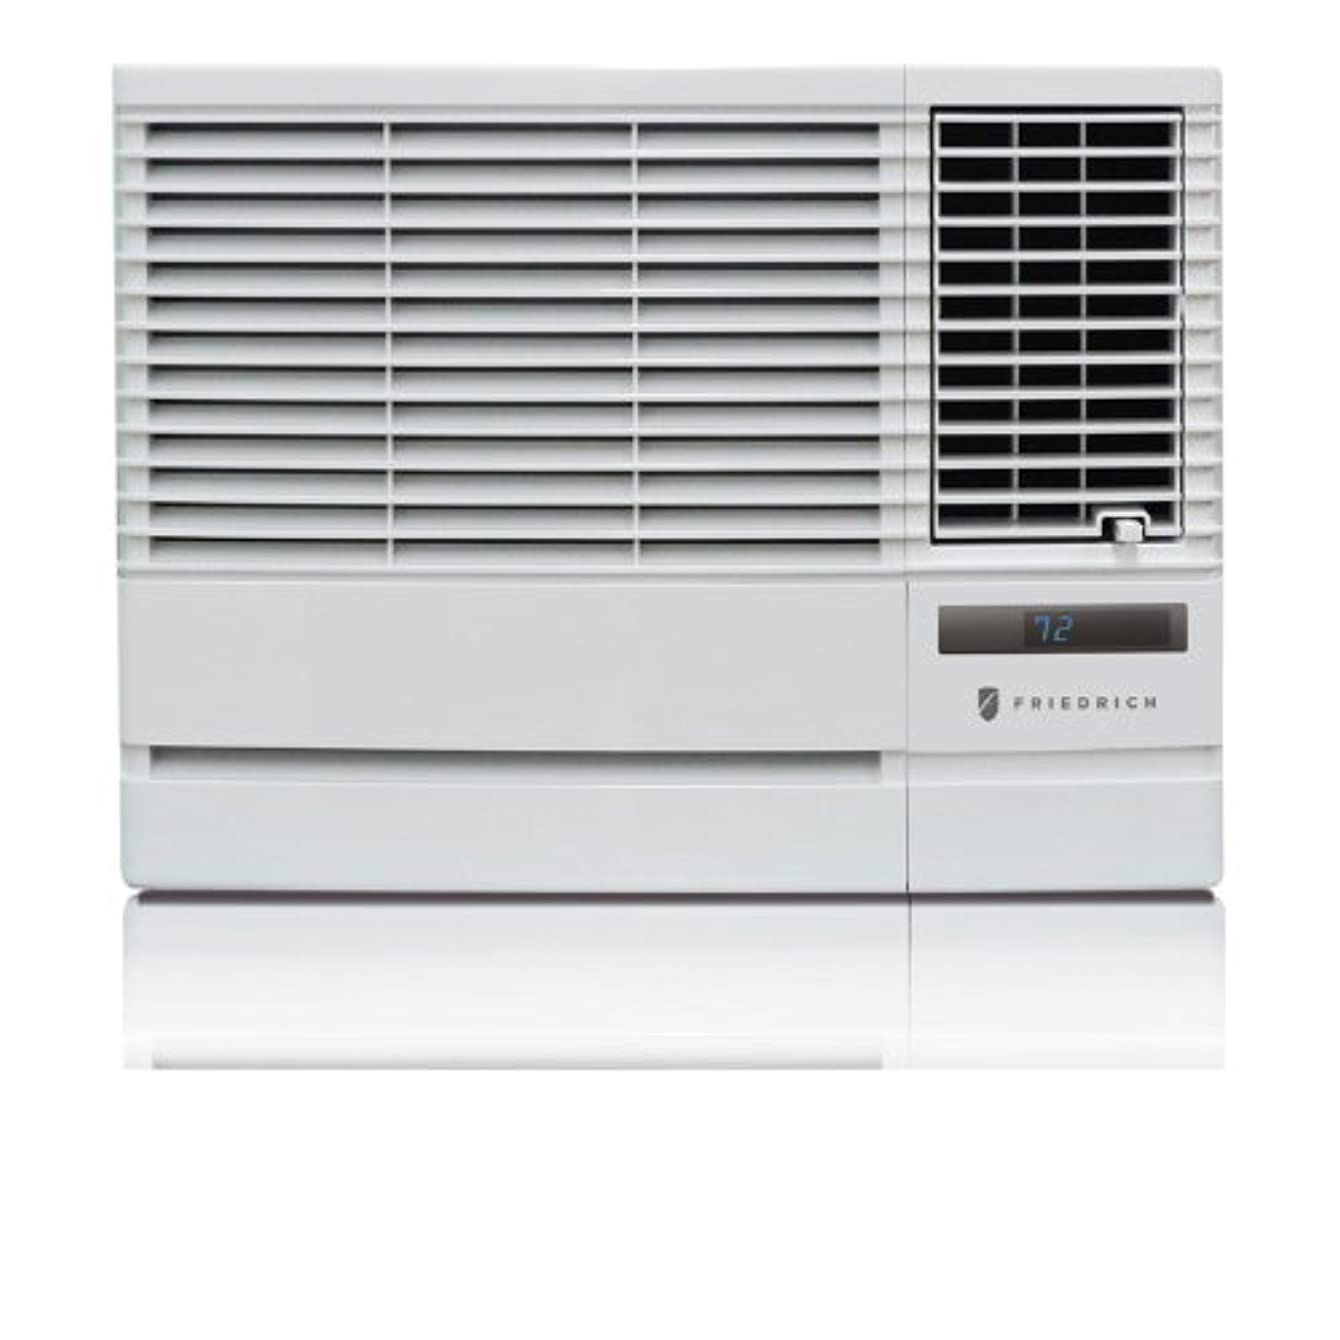 Friedrich Air Conditioning Co. CP08G10B Air Conditioner, 8000 Btu, White nnknlfbyqqkhe66